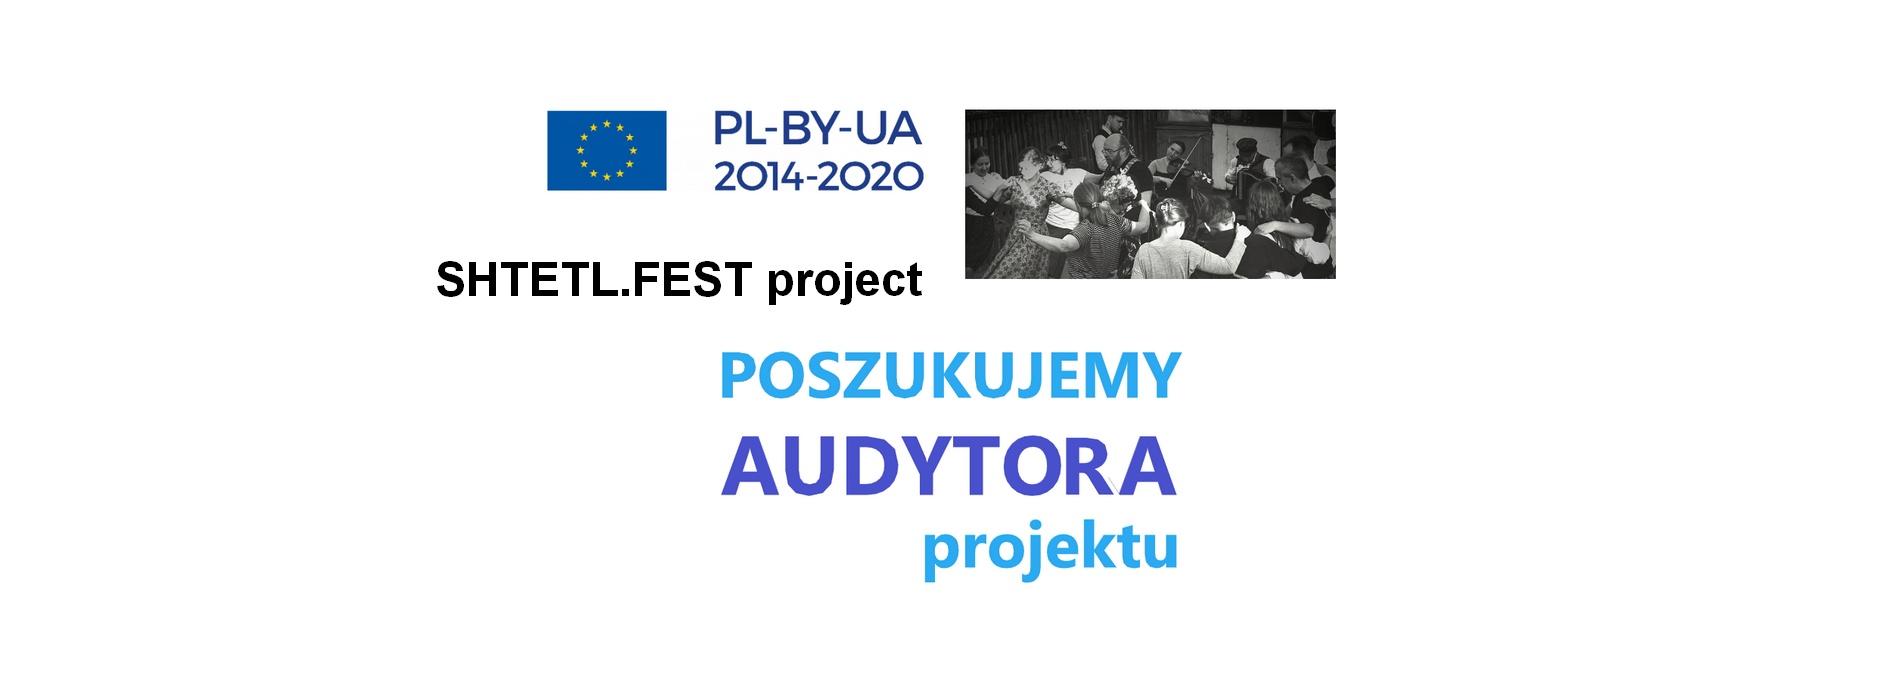 Poszukiwania audytora projektów finansowanych ze środków UE